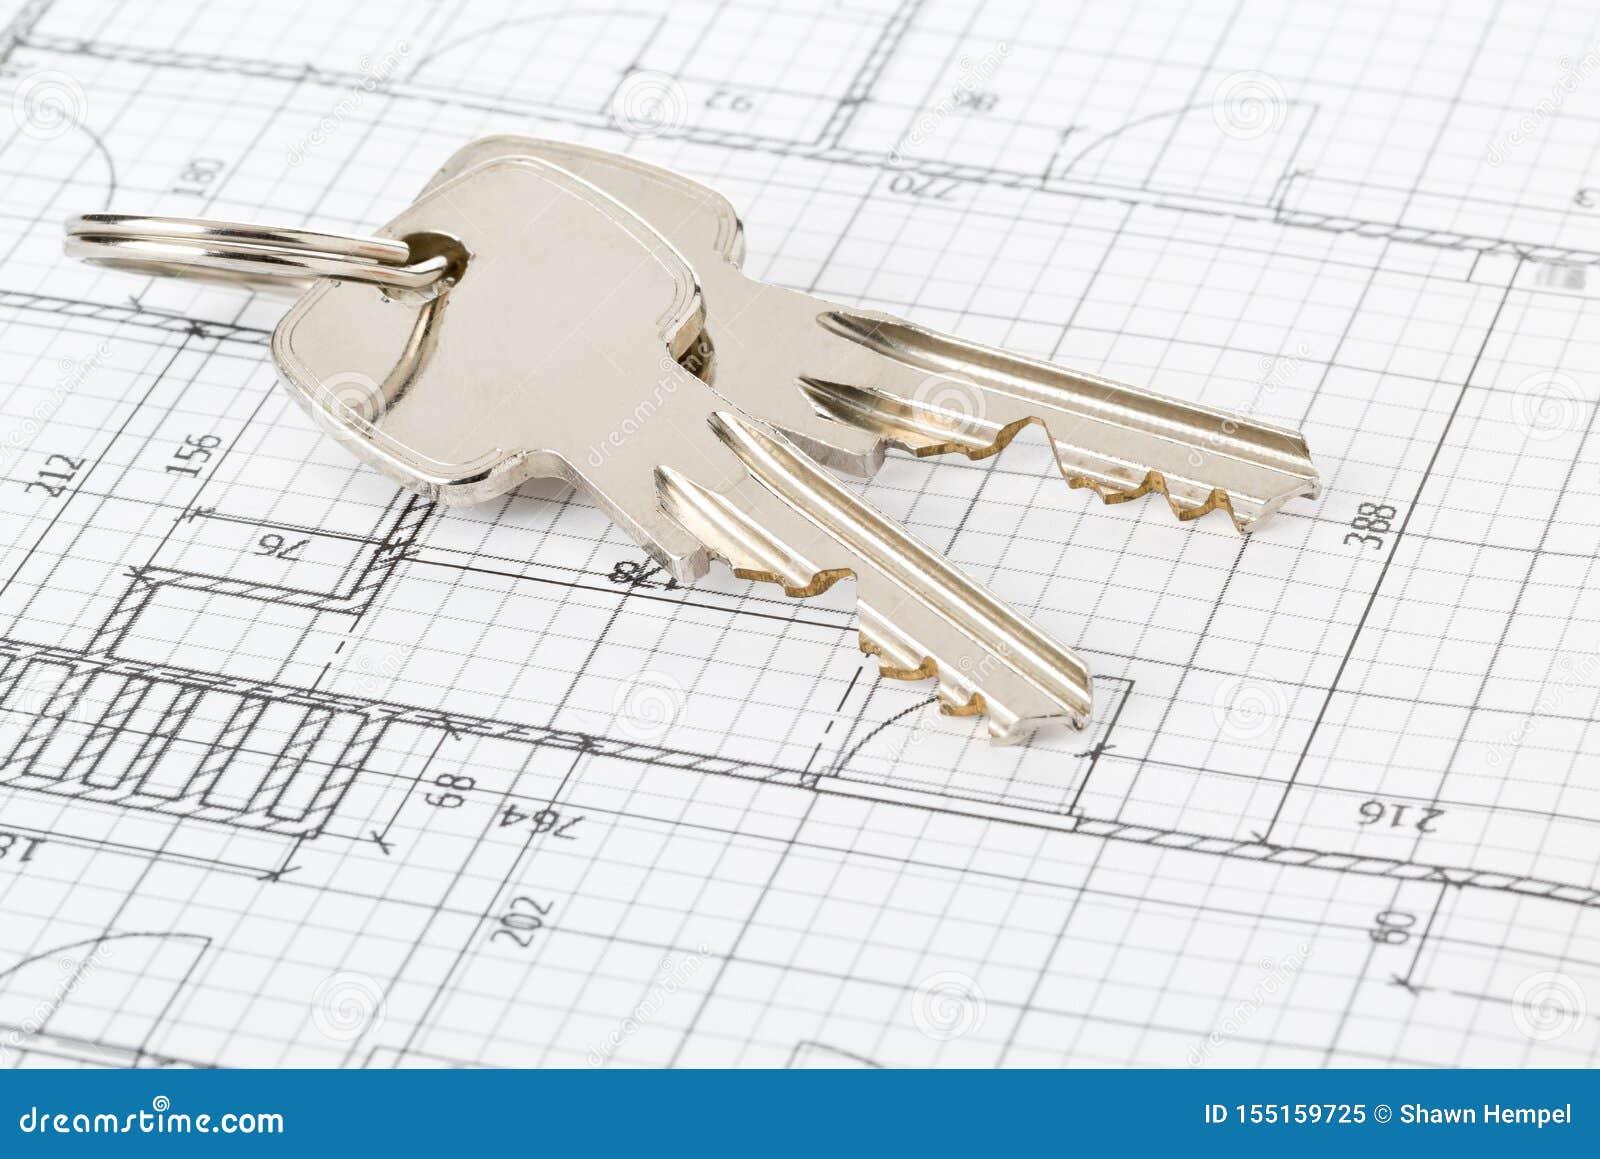 Chiavi della Camera sul modello architettonico della casa - proprietario domestico, bene immobile o concetto della costruzione di